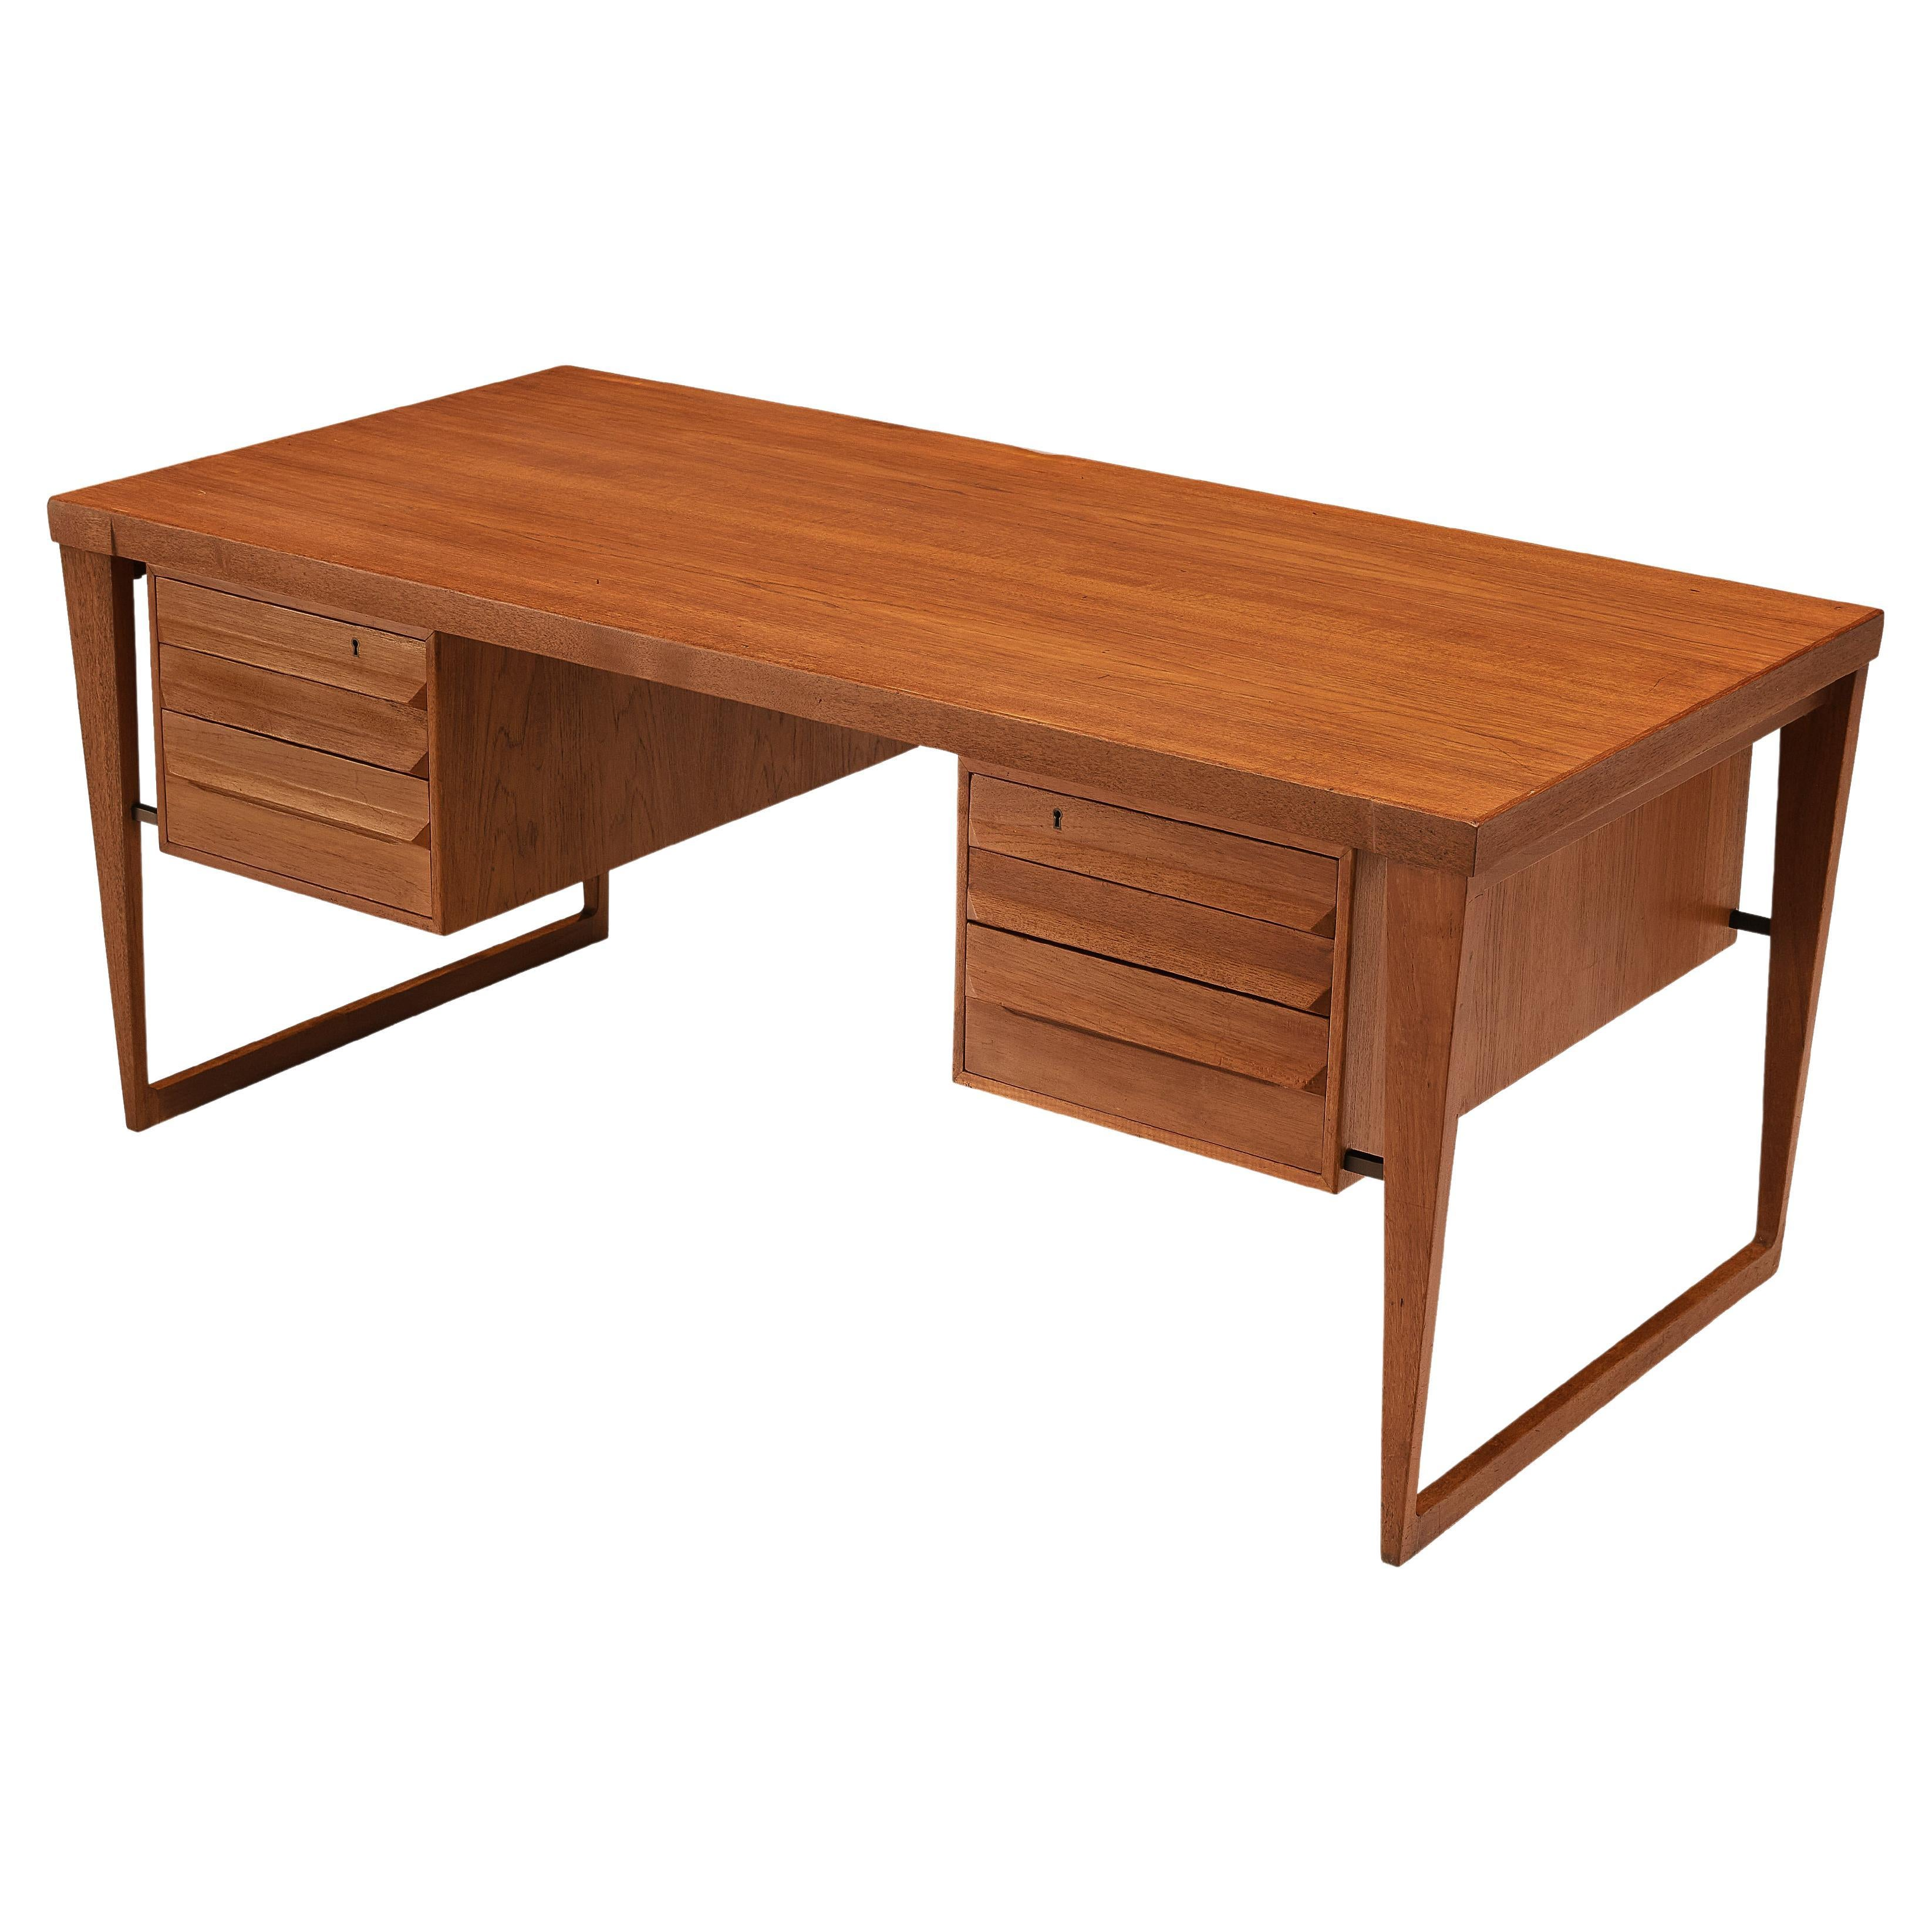 Kai Kristiansen Free-Standing Desk Model '70' in Teak